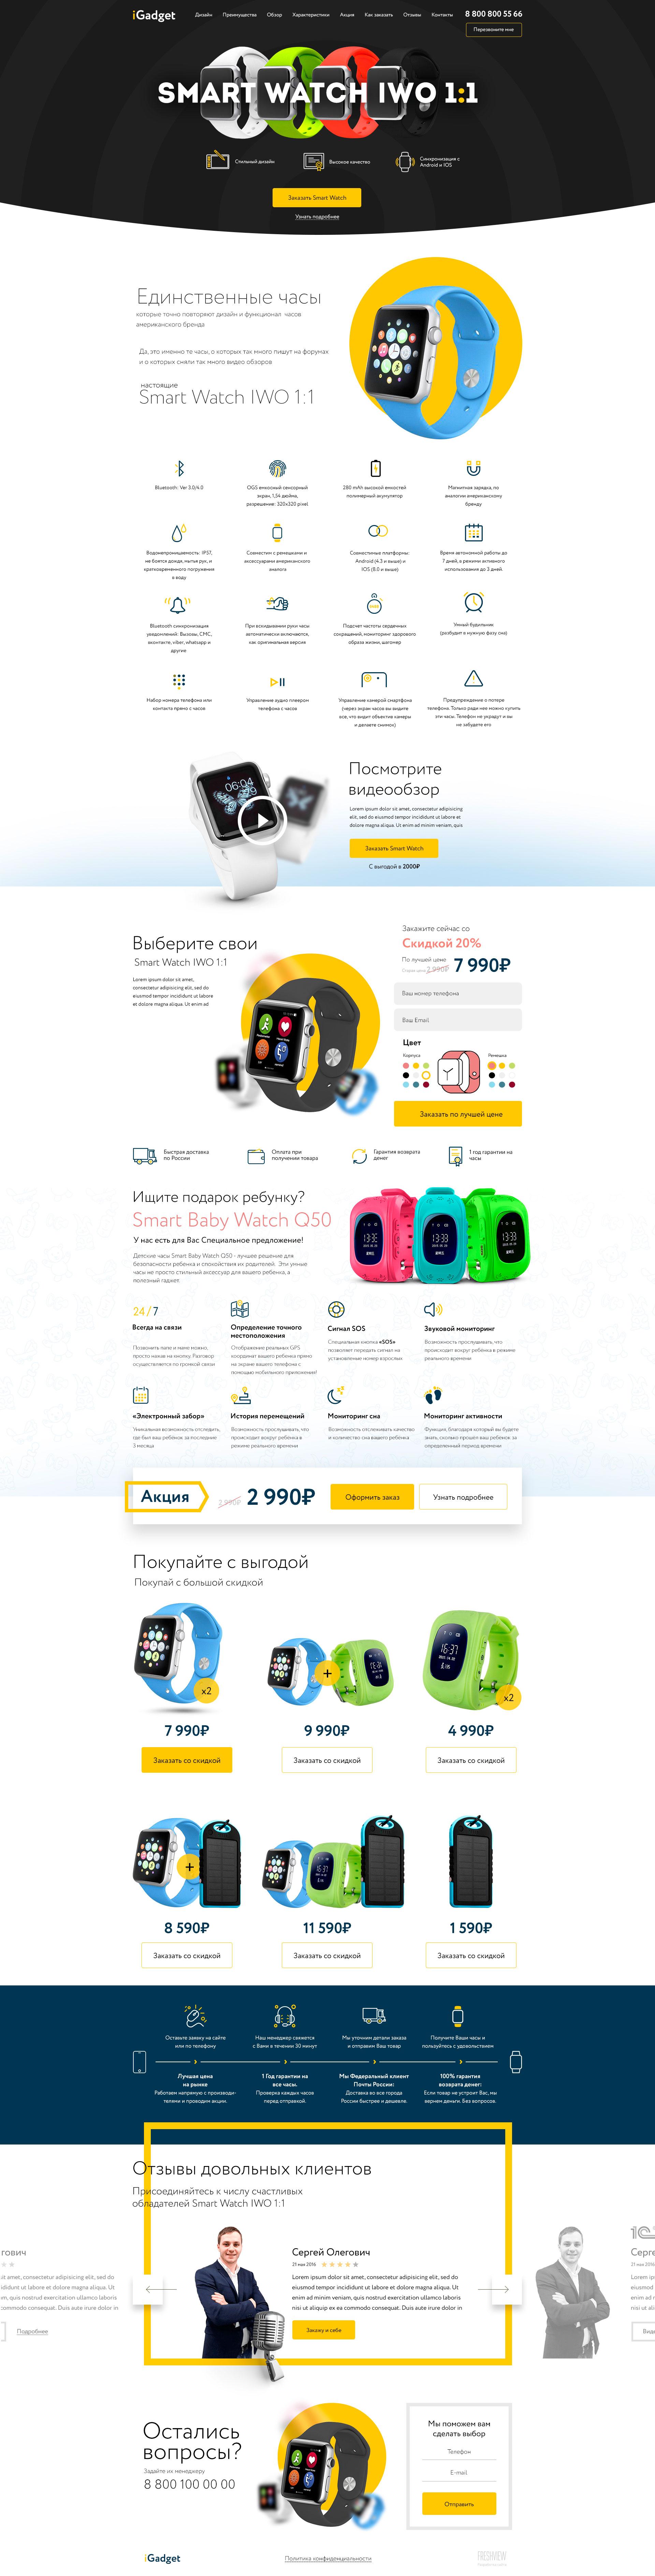 Дизайн для компании IGadget по продаже Smart watch